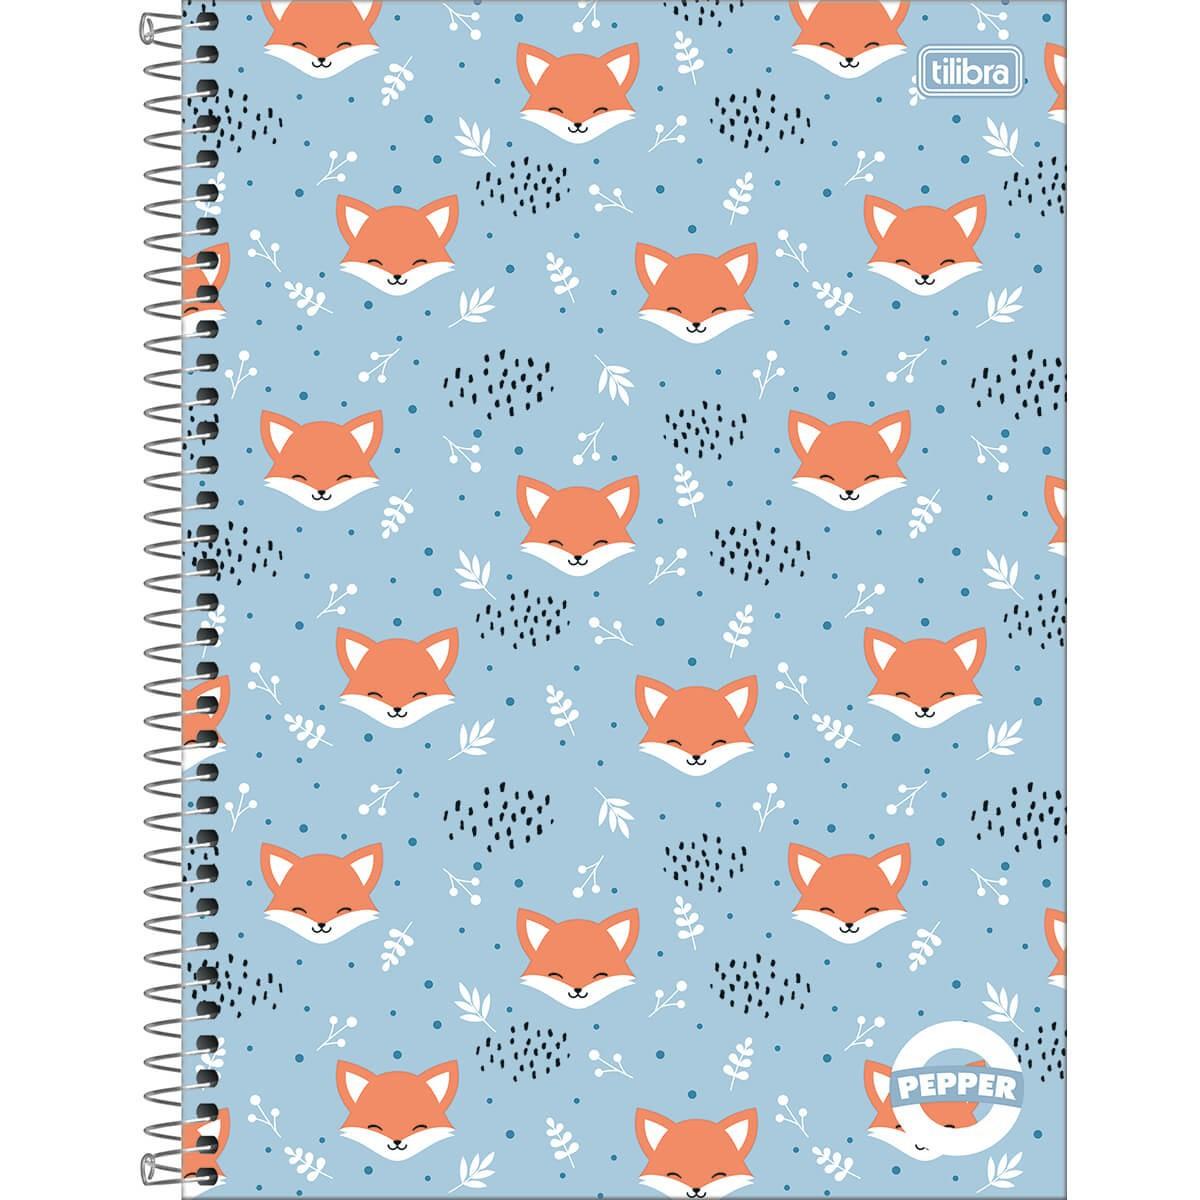 Caderno Espiral Capa Dura Universitário 20 Matérias Pepper Feminino 320 Folhas (Pacote com 2 unidades) - Sortido